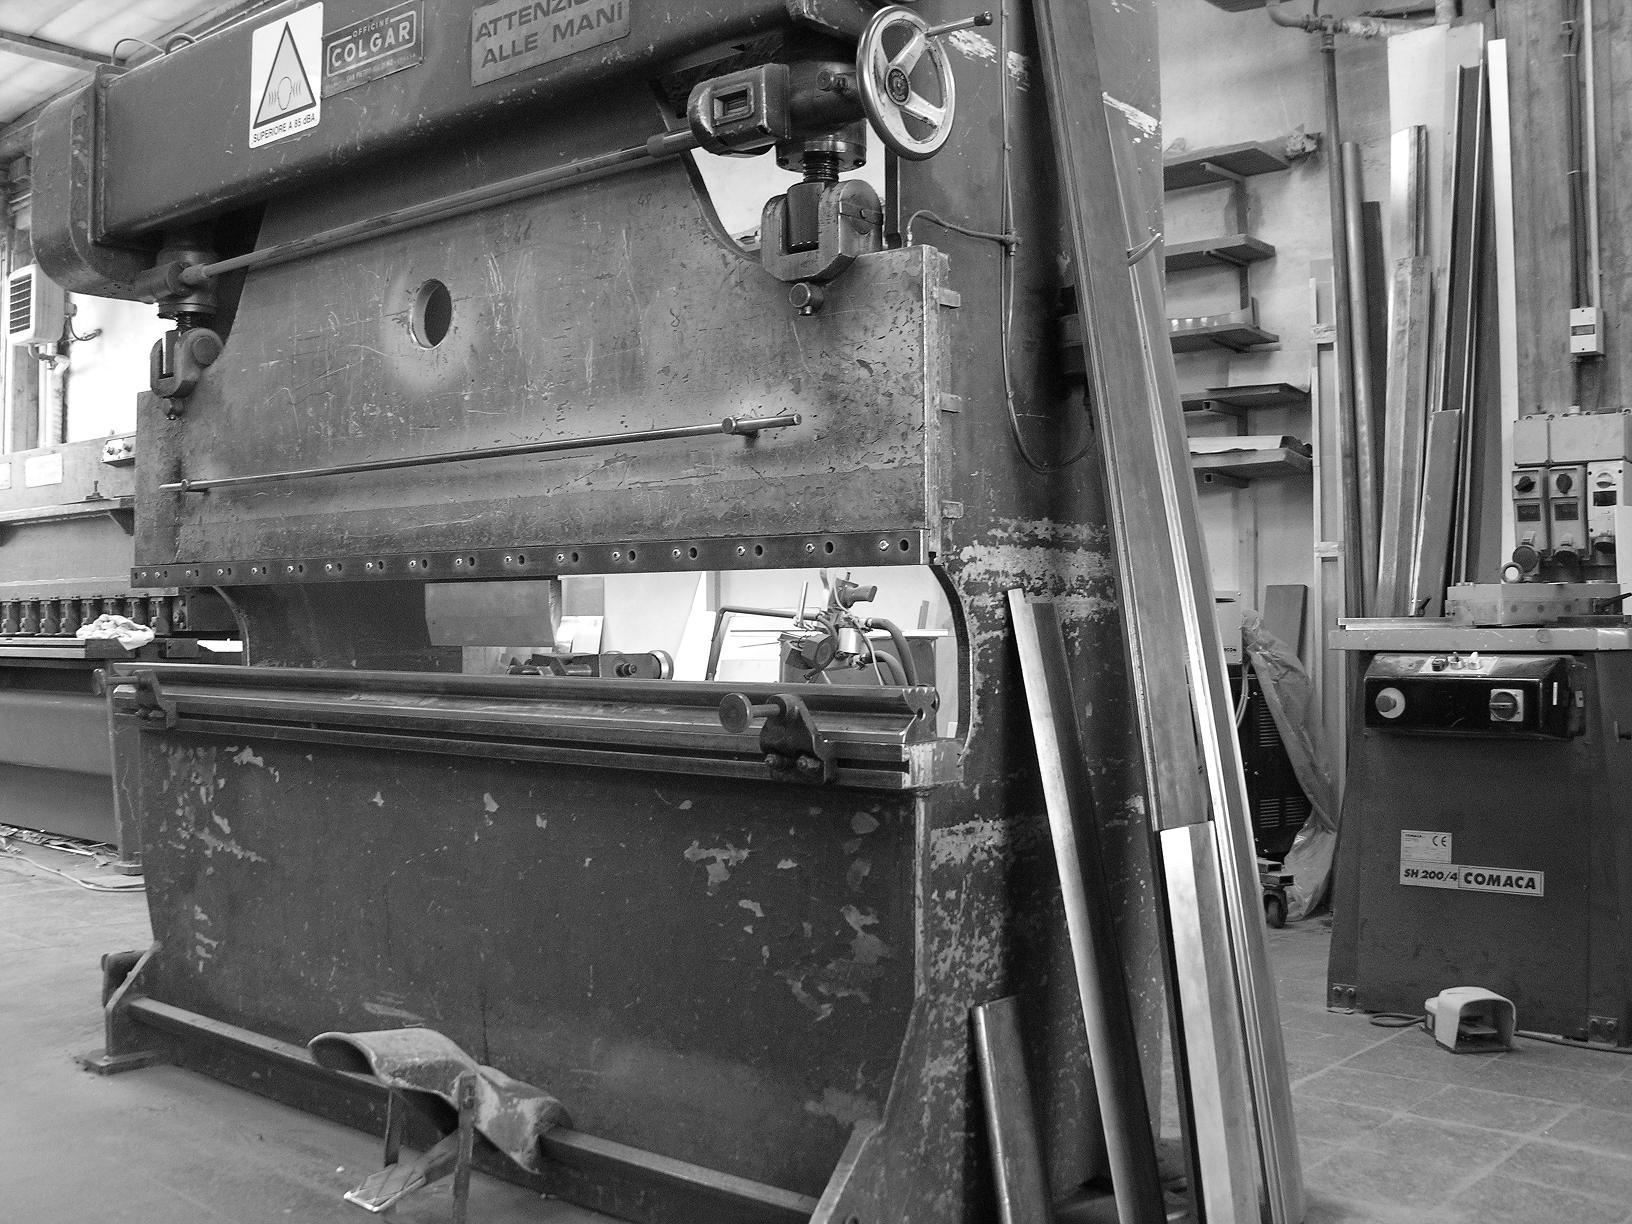 Progettazione arredamento locali metalfrigor for Arredamento locali